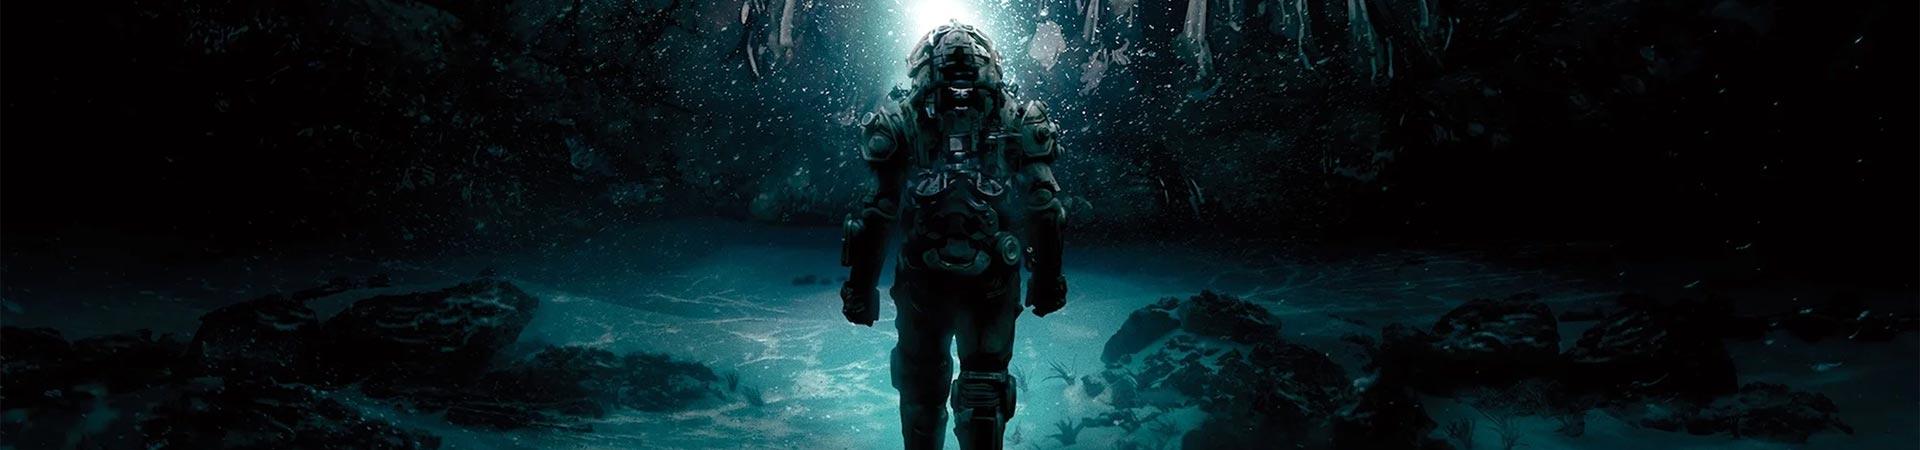 MainSlider-Underwater